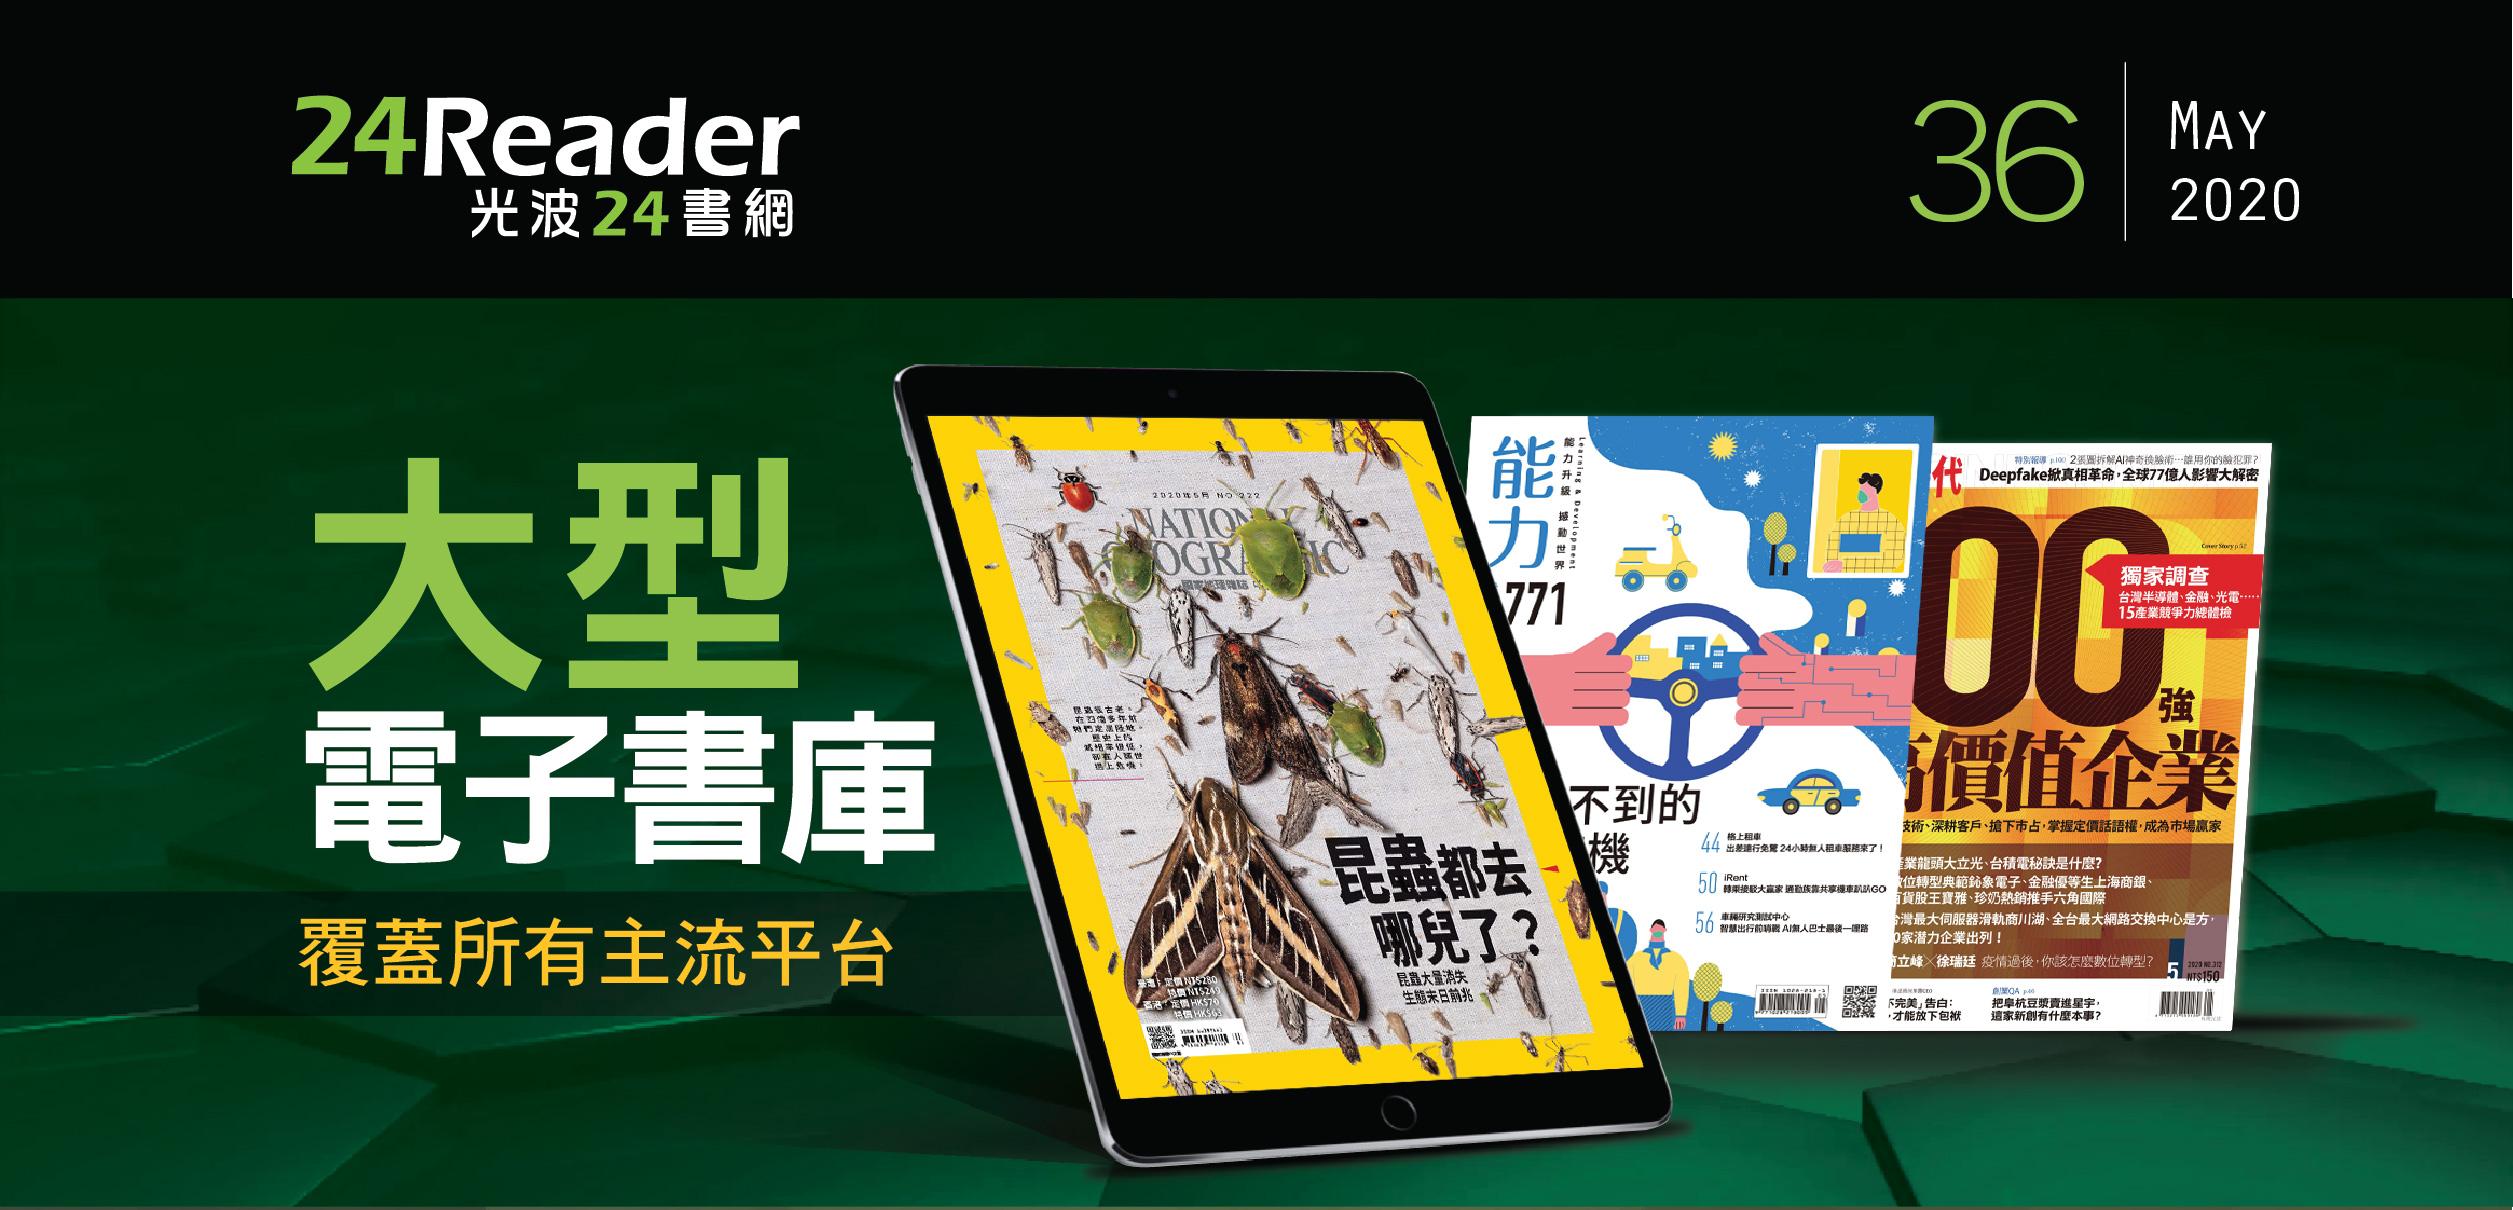 《國家地理雜誌》昆蟲都去哪兒了?